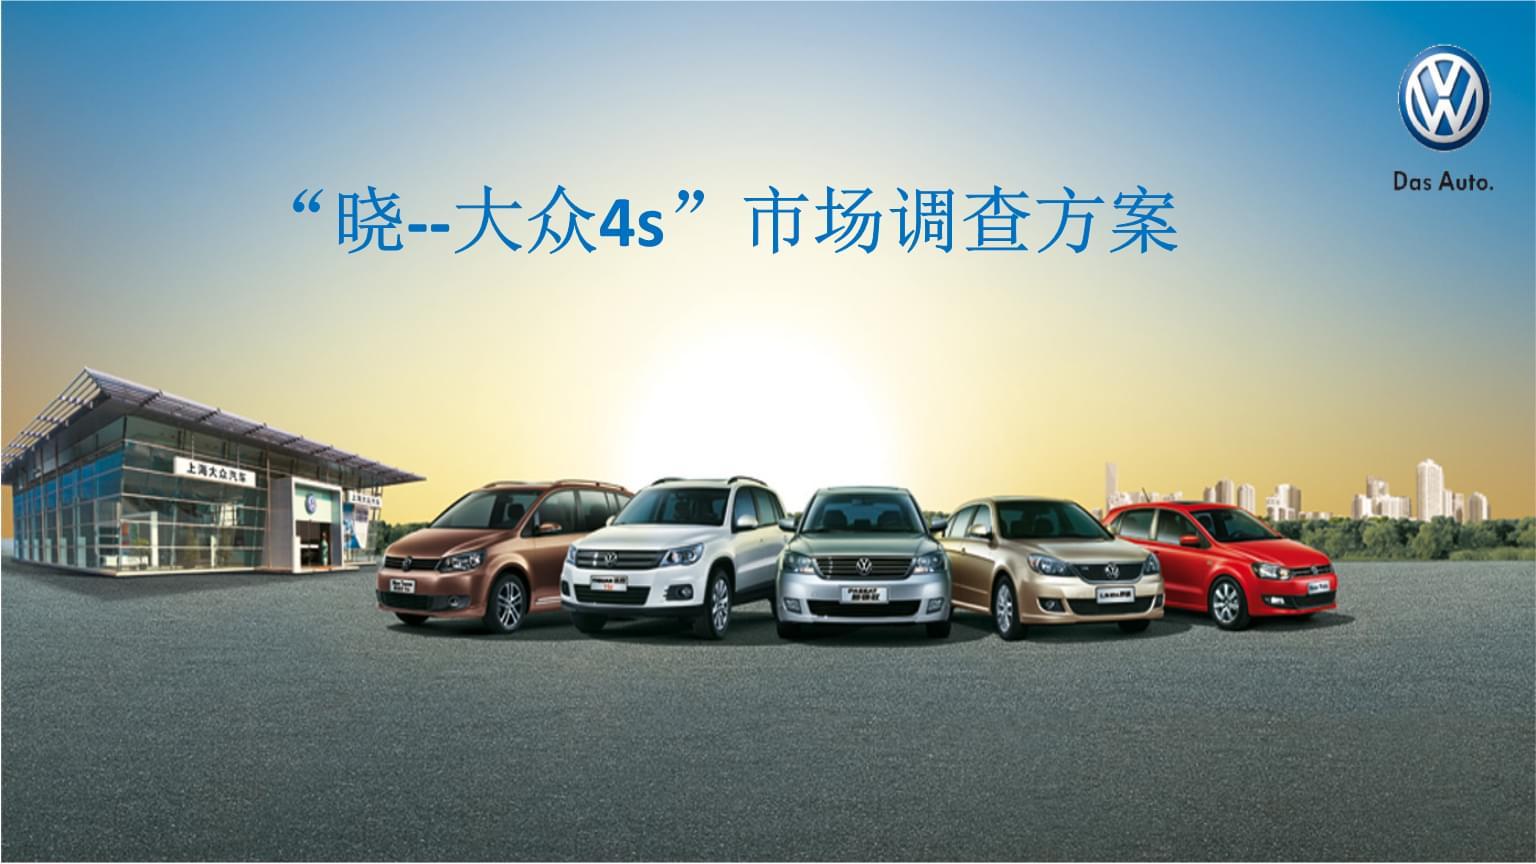 汽车营销市场调查的方案.pptx